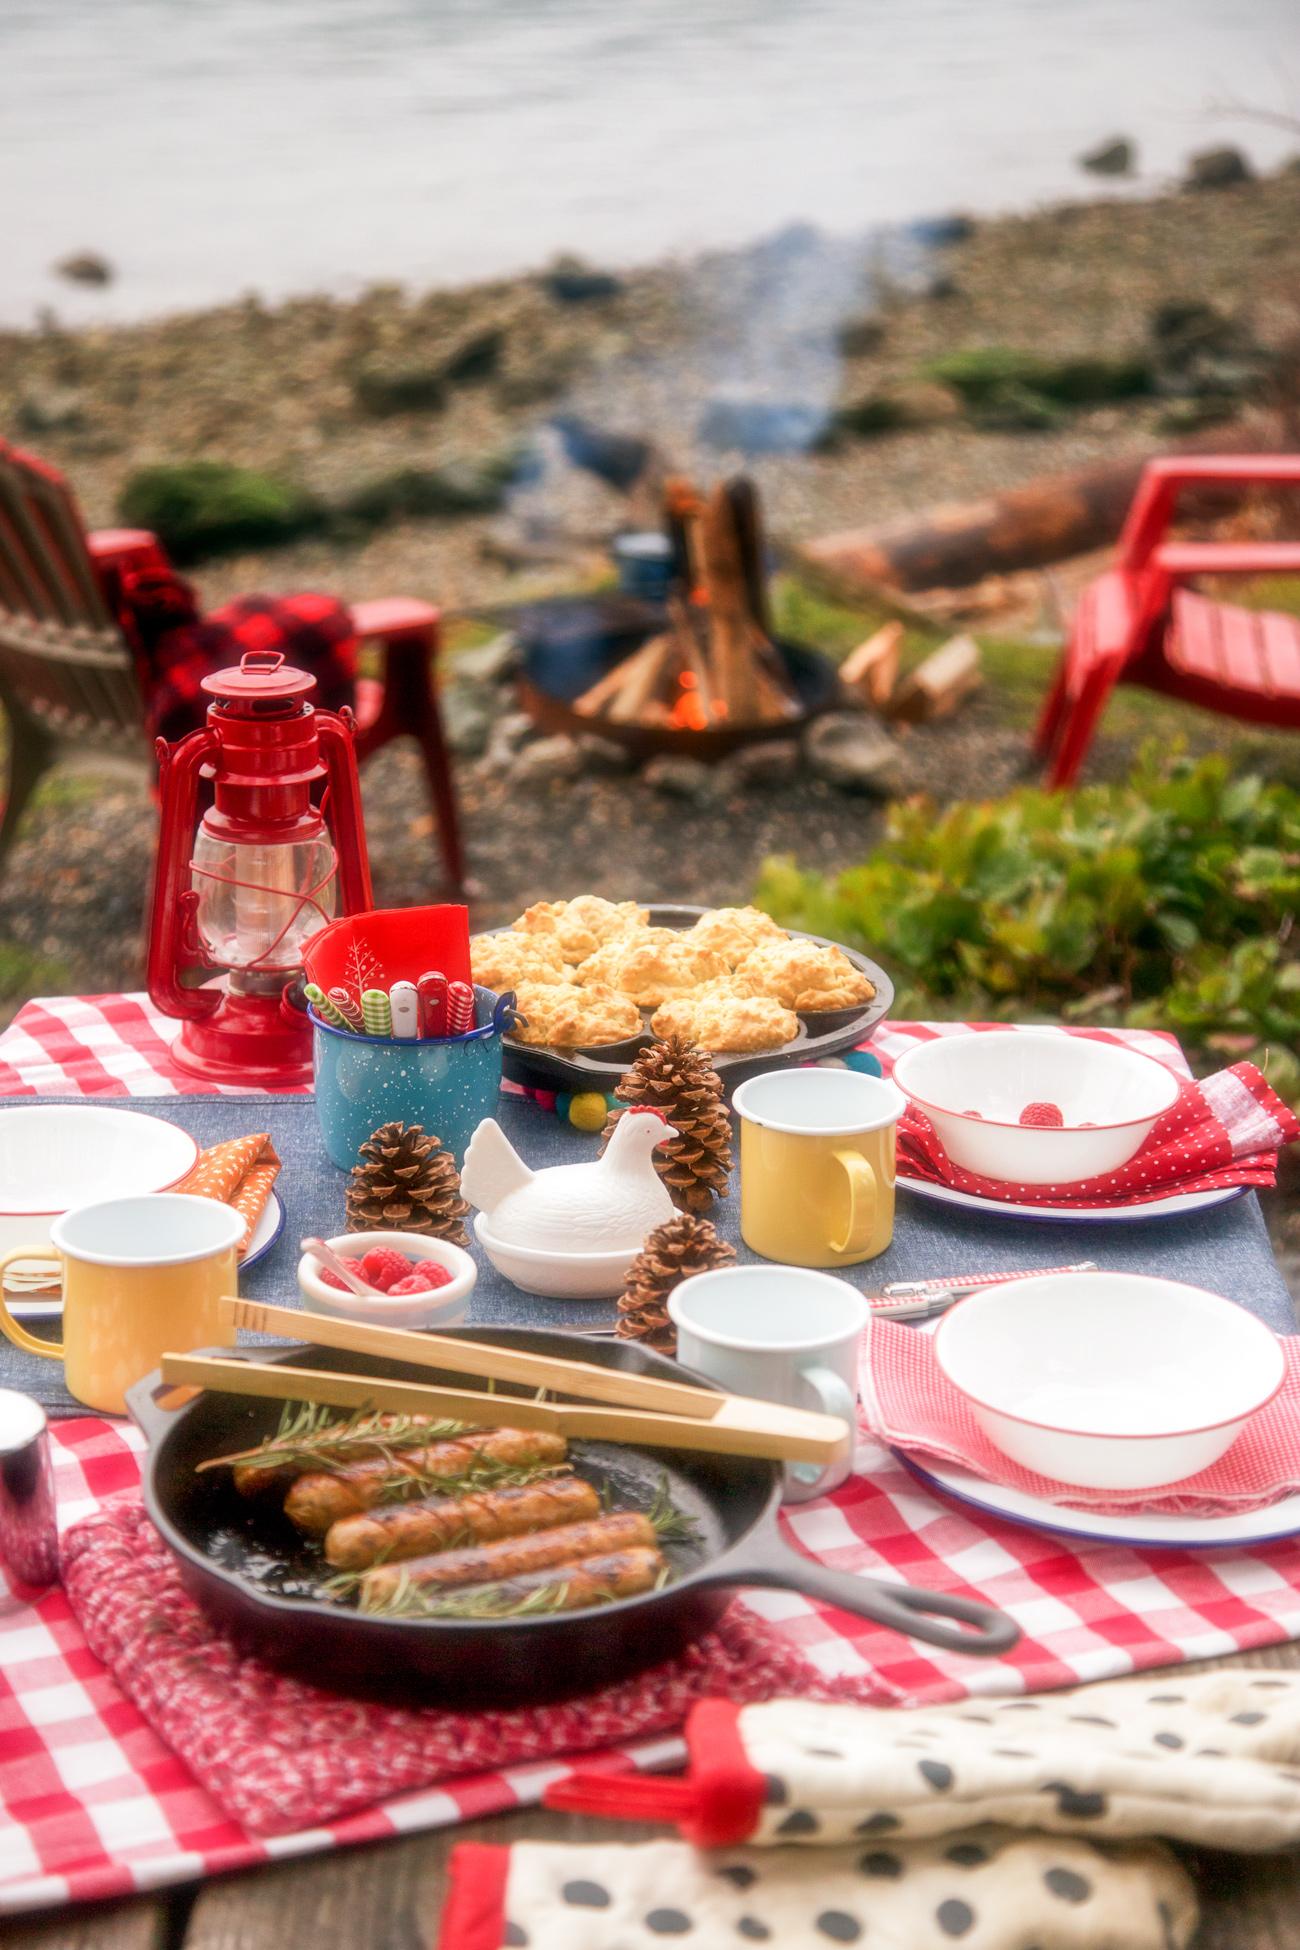 Glamping Breakfast via J5MM.com